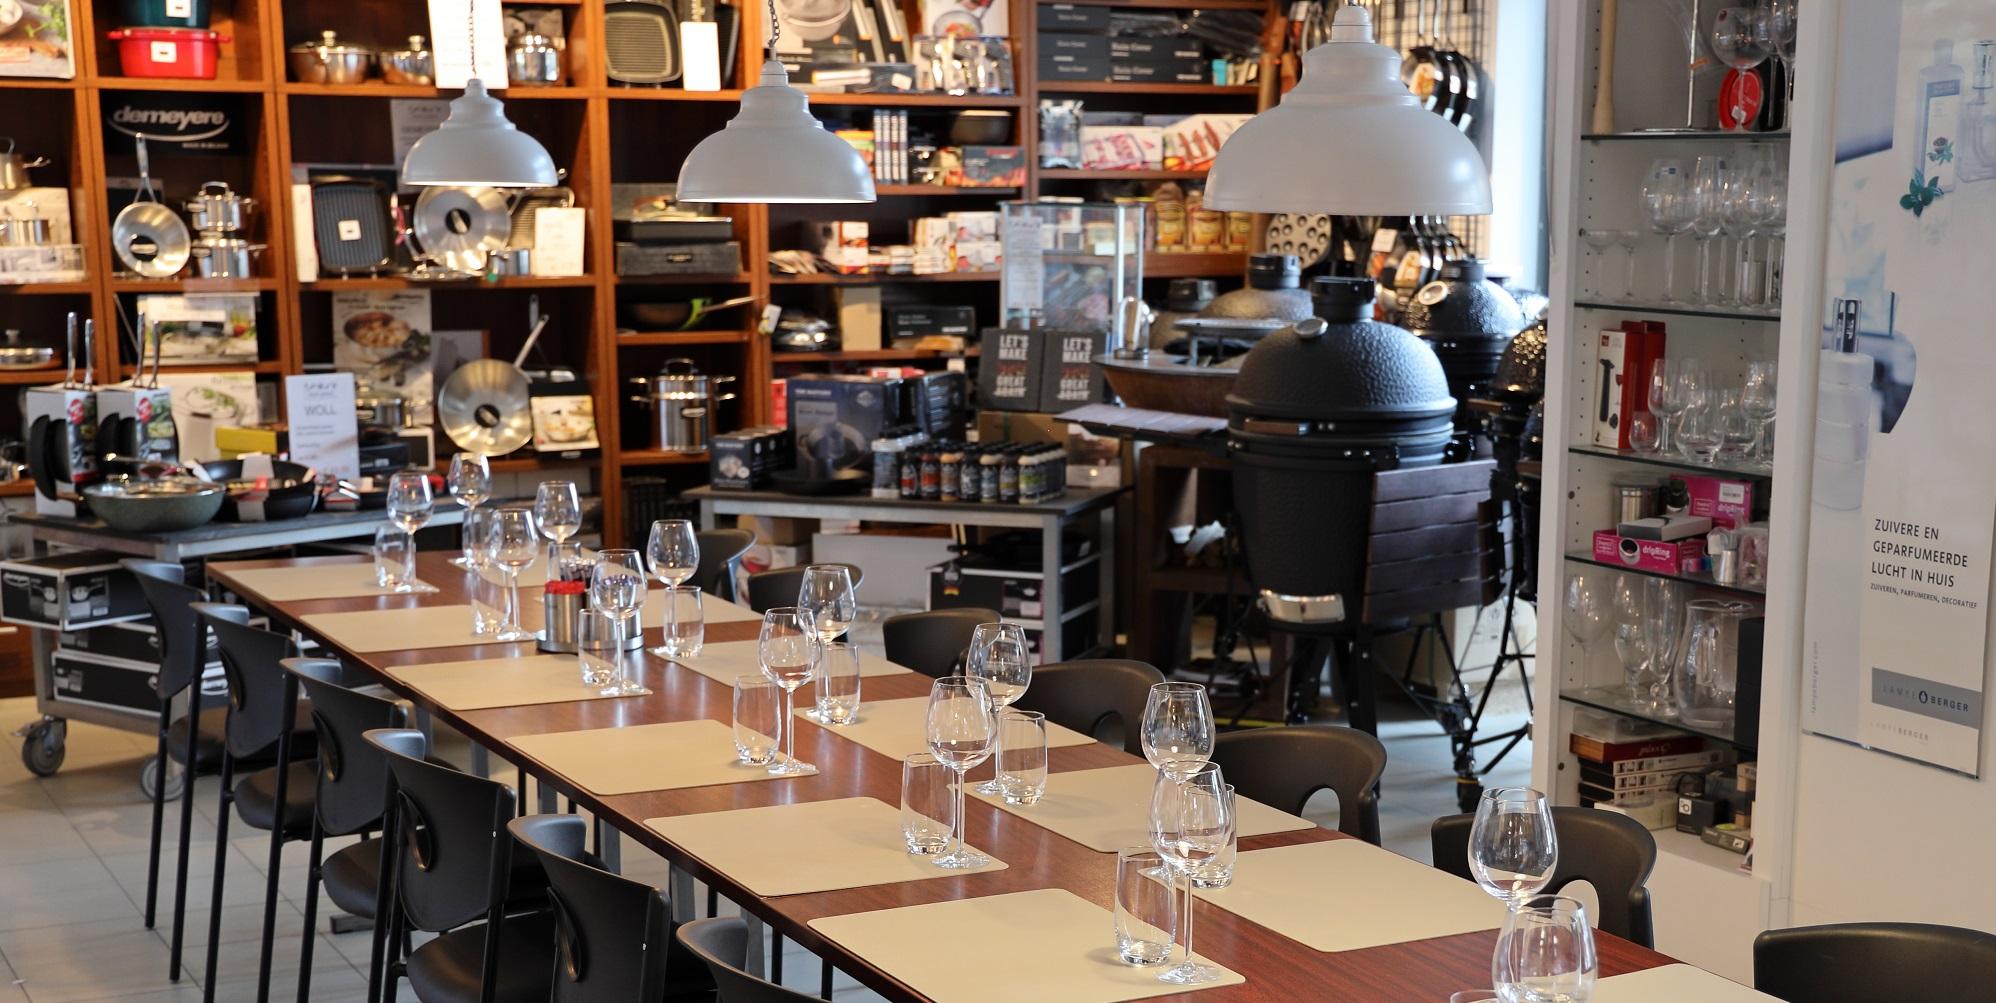 kook-planet-leiderdorp-kookstudio-kookwinkel